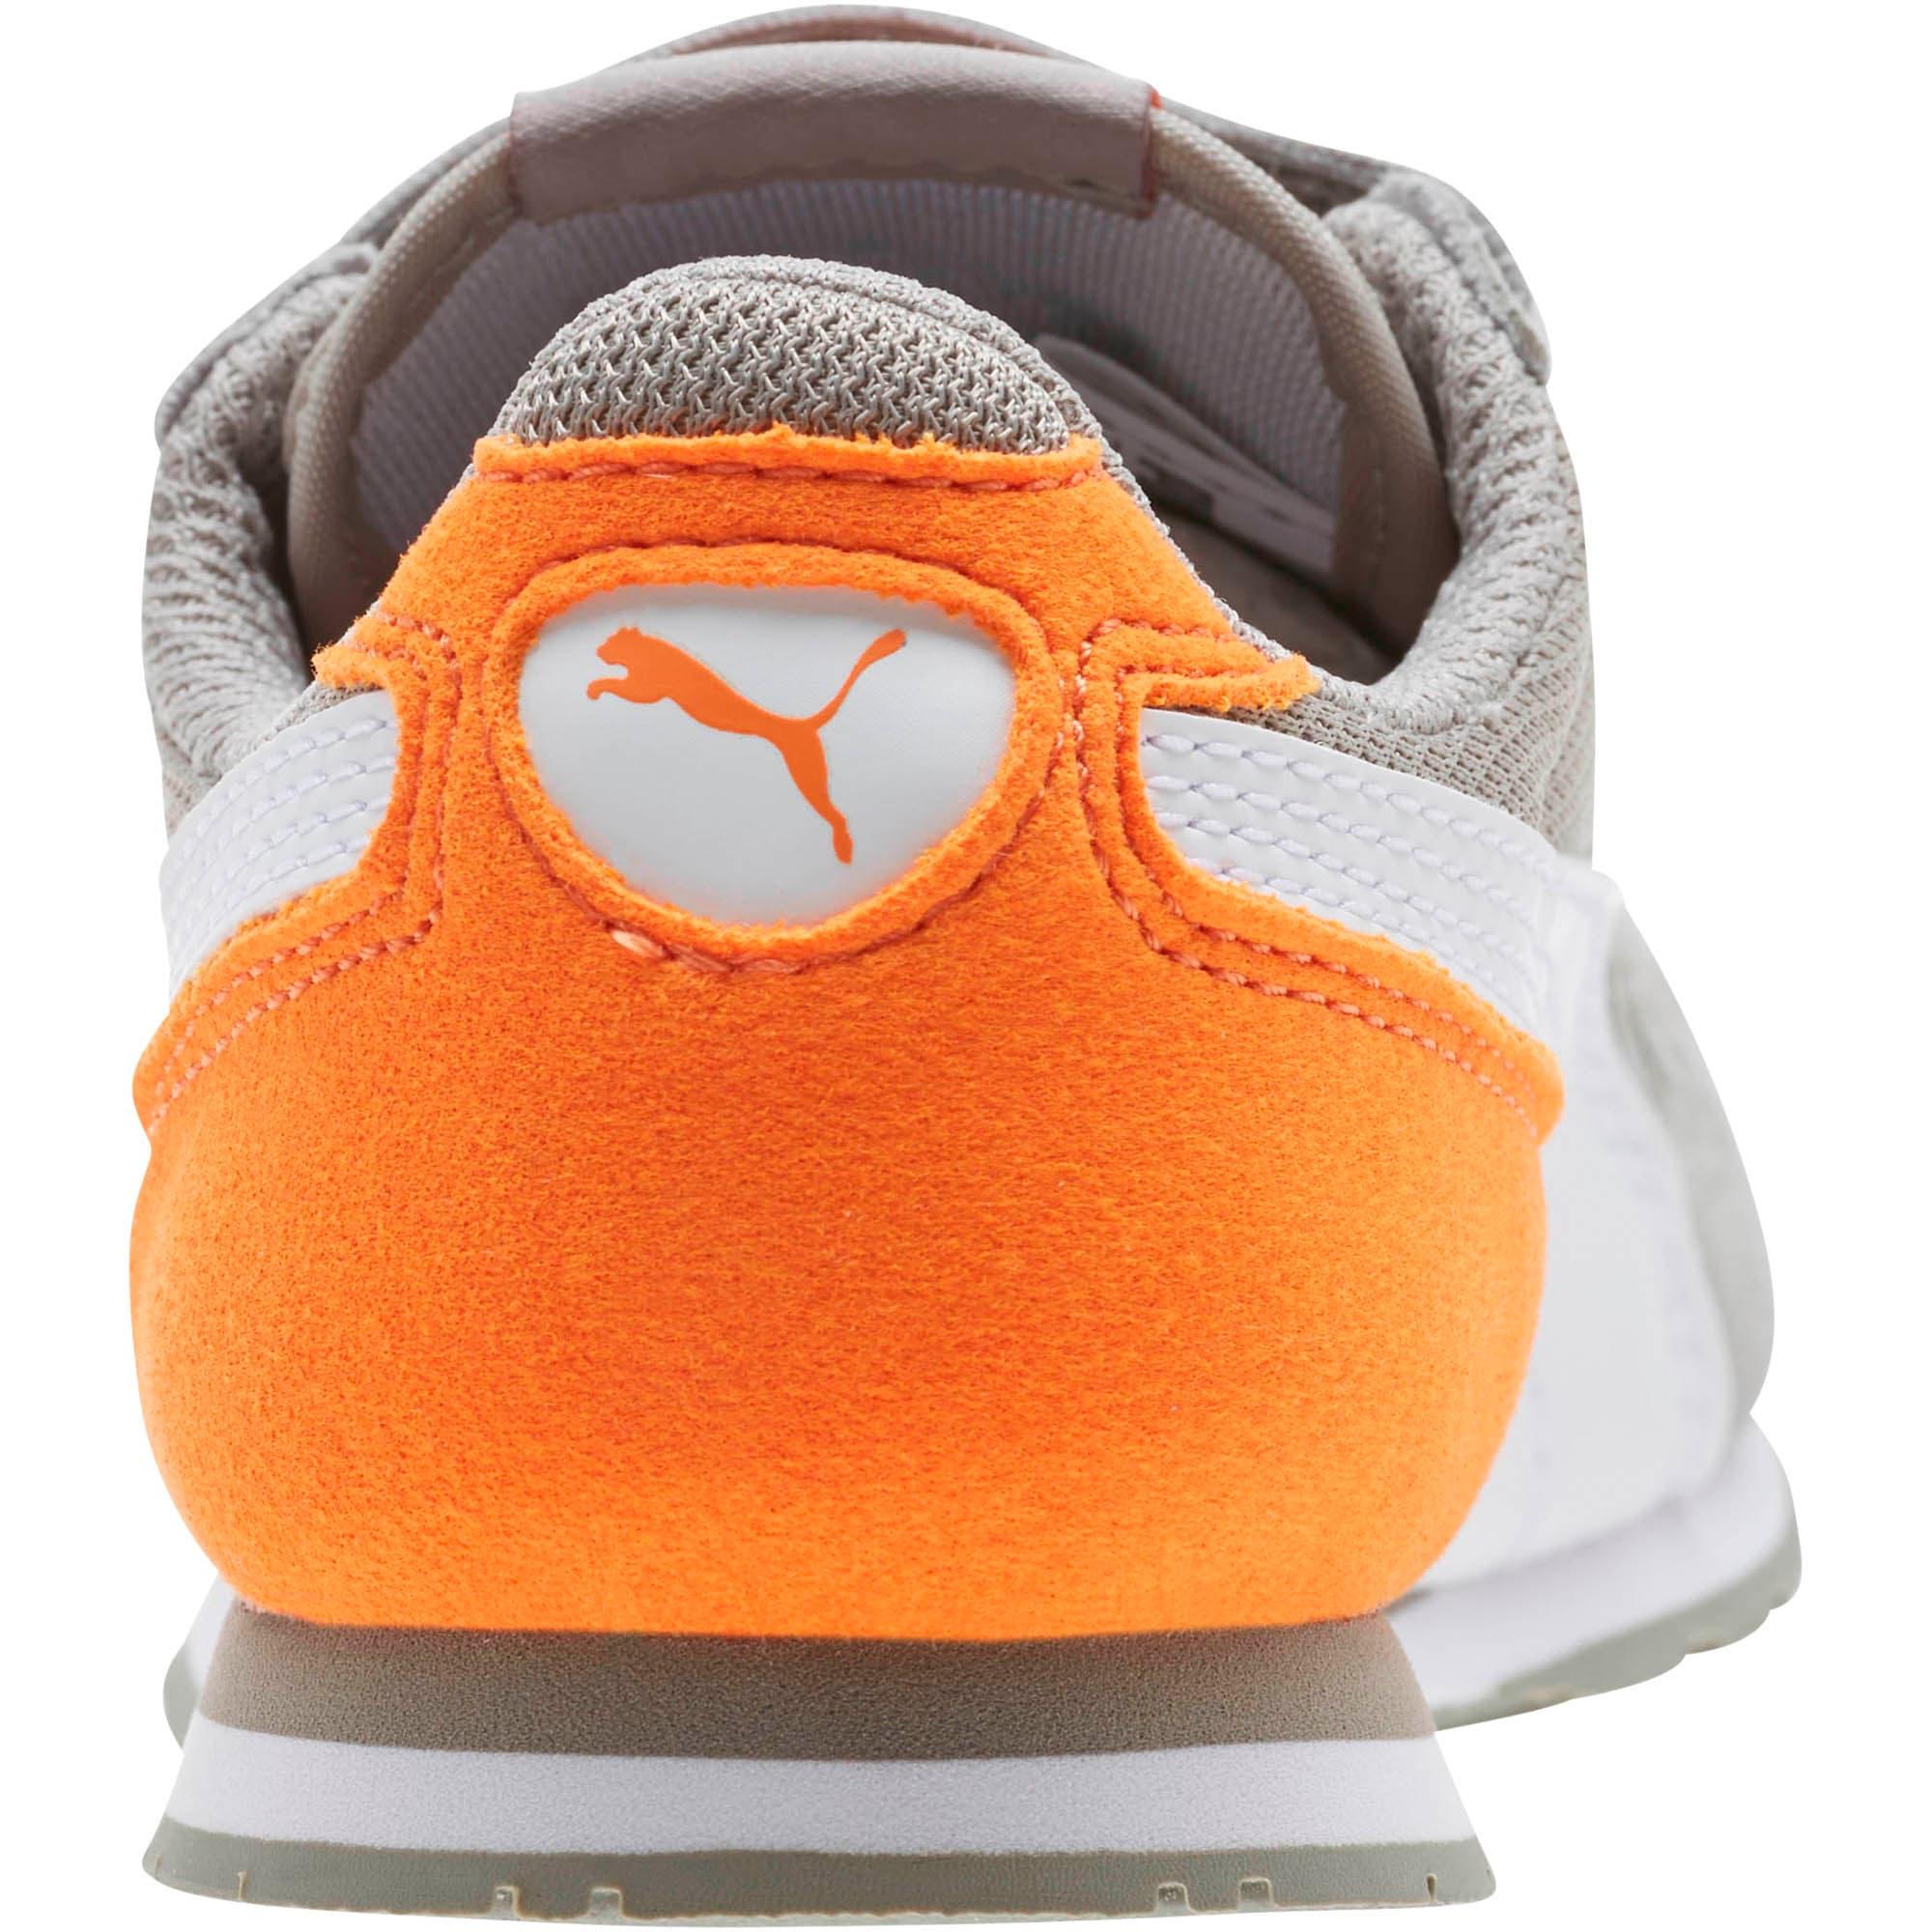 Thumbnail 4 of Cabana Racer Mesh AC Little Kids' Shoes, Rock Ridge-White-Vibrant, medium